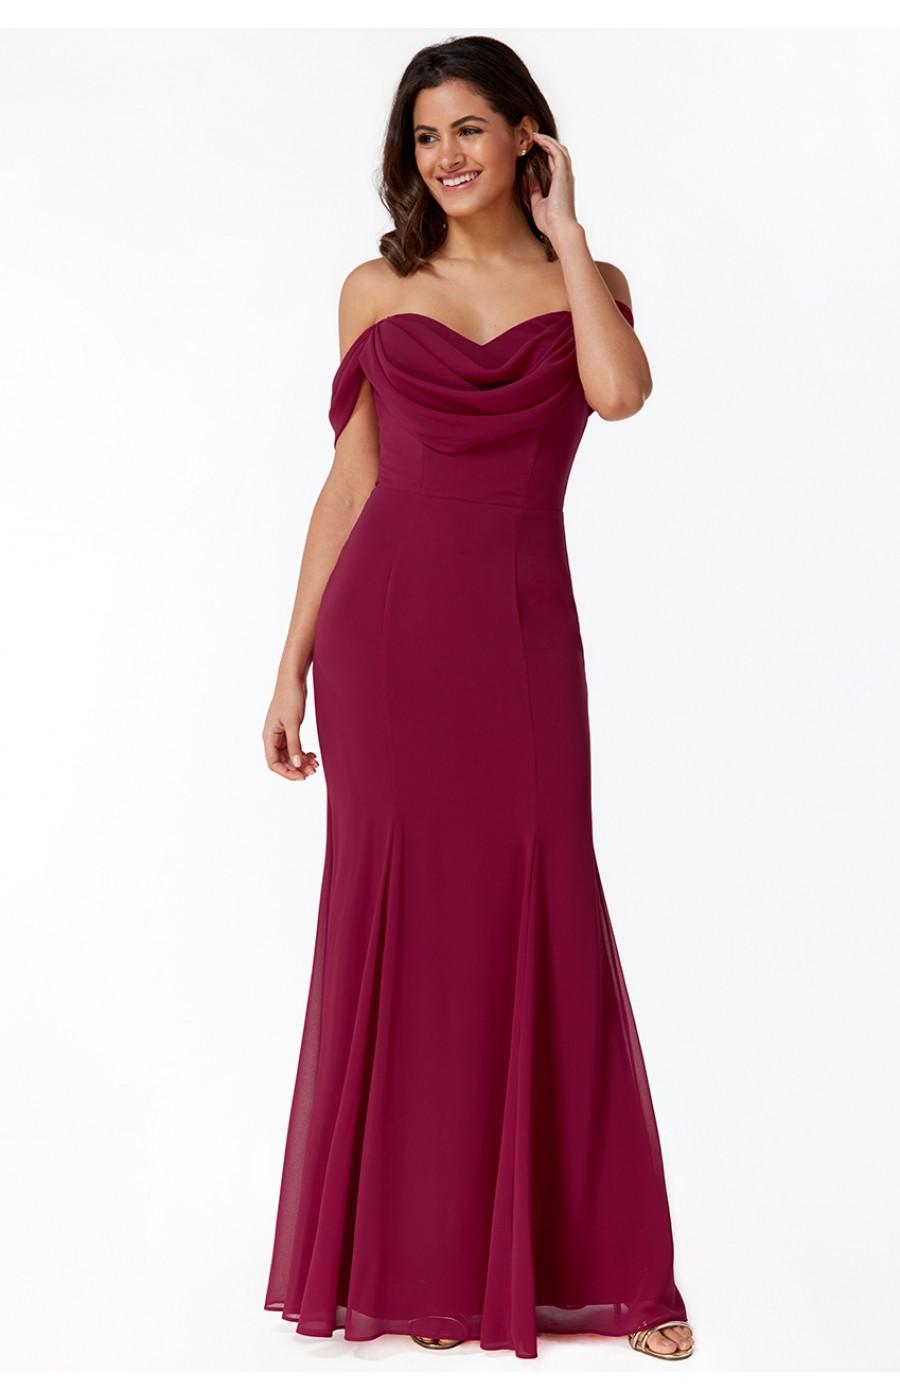 Σιφόν μακρύ φόρεμα στο χρώμα του βατόμουρου